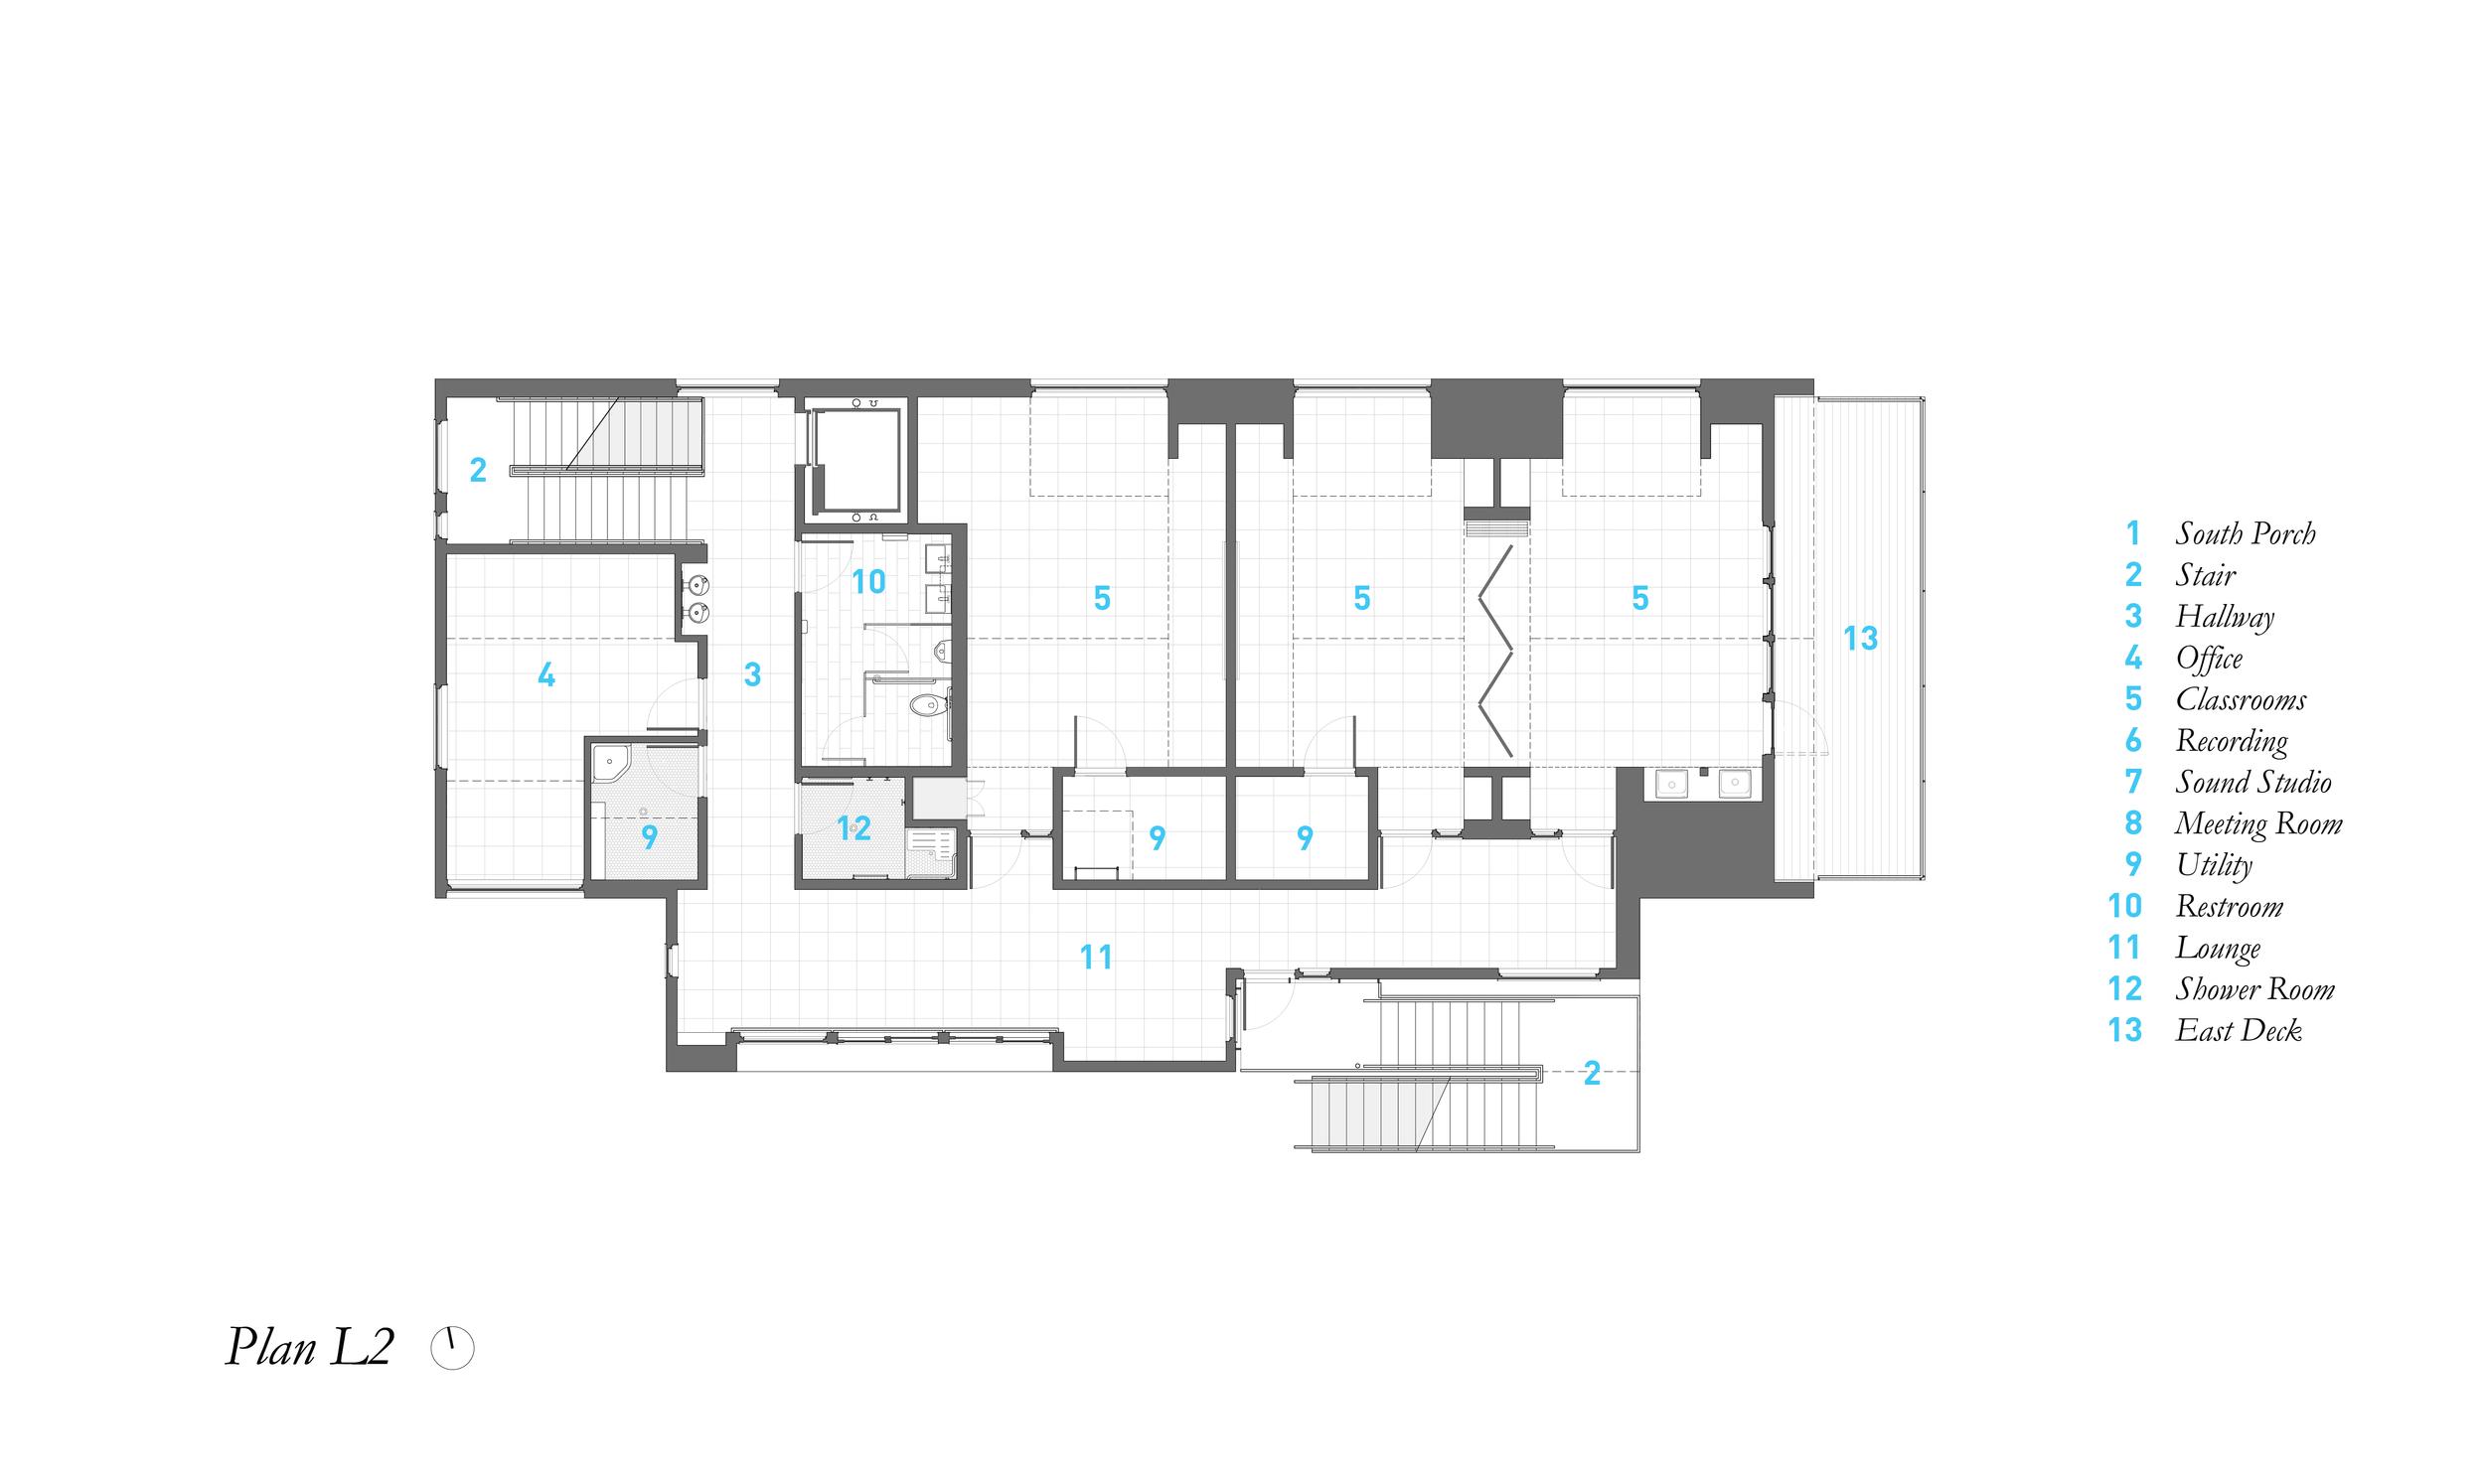 03 Griffin School_Floor Plan L2.png